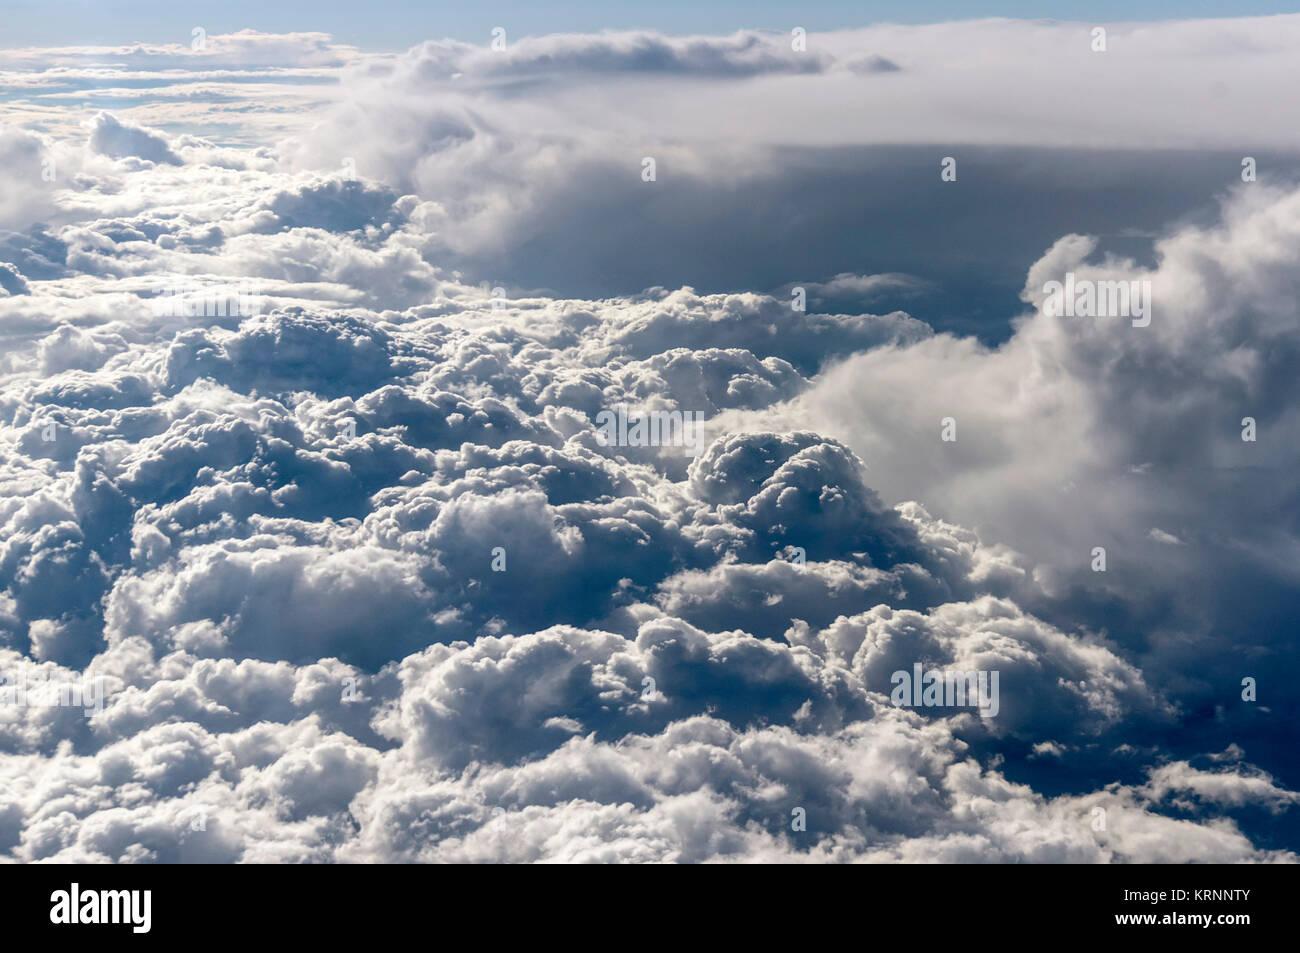 Luftaufnahme von einer großen Bank von flauschigen weissen Wolken Wolken Stockbild